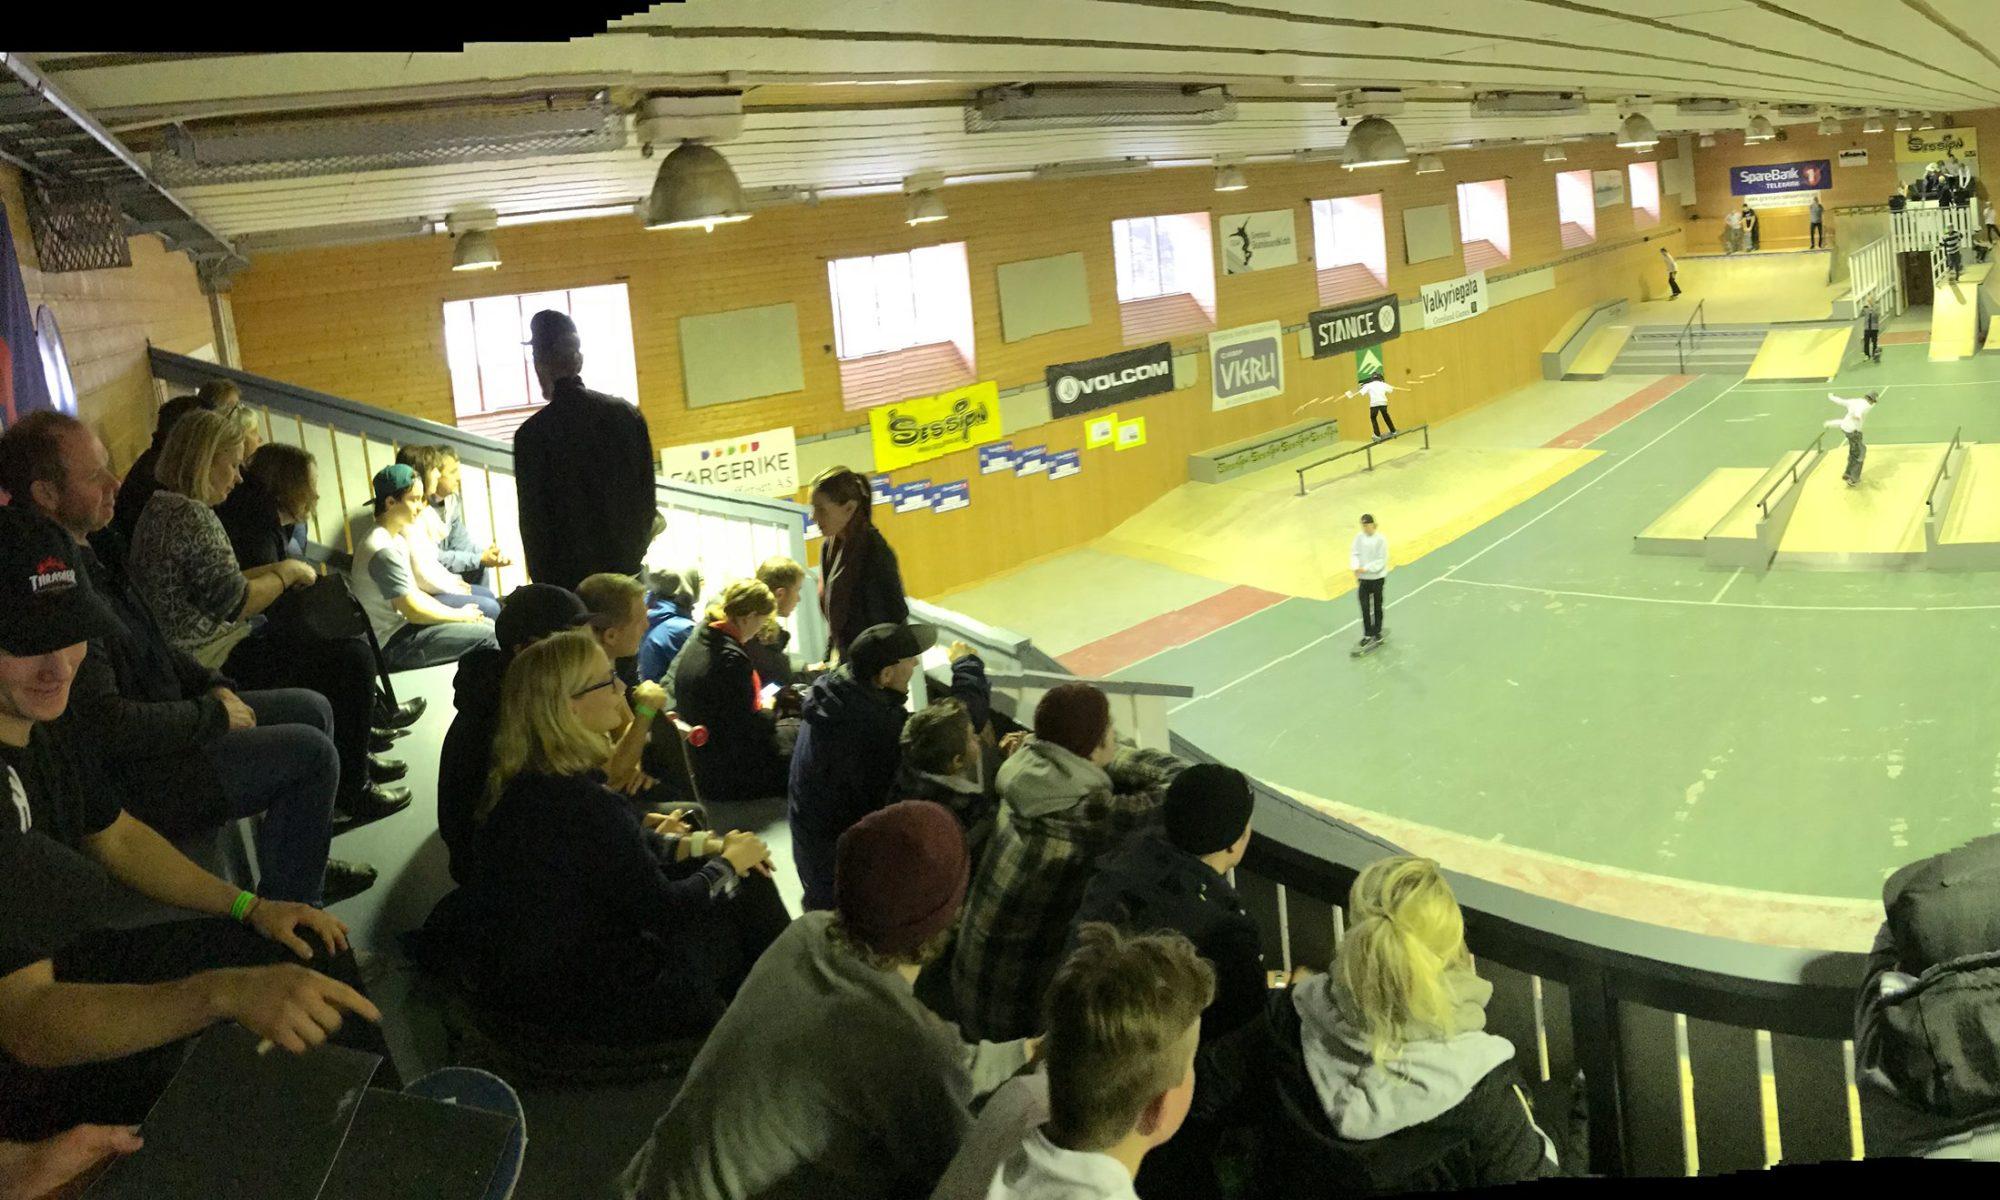 Grenland Skateboardklubb